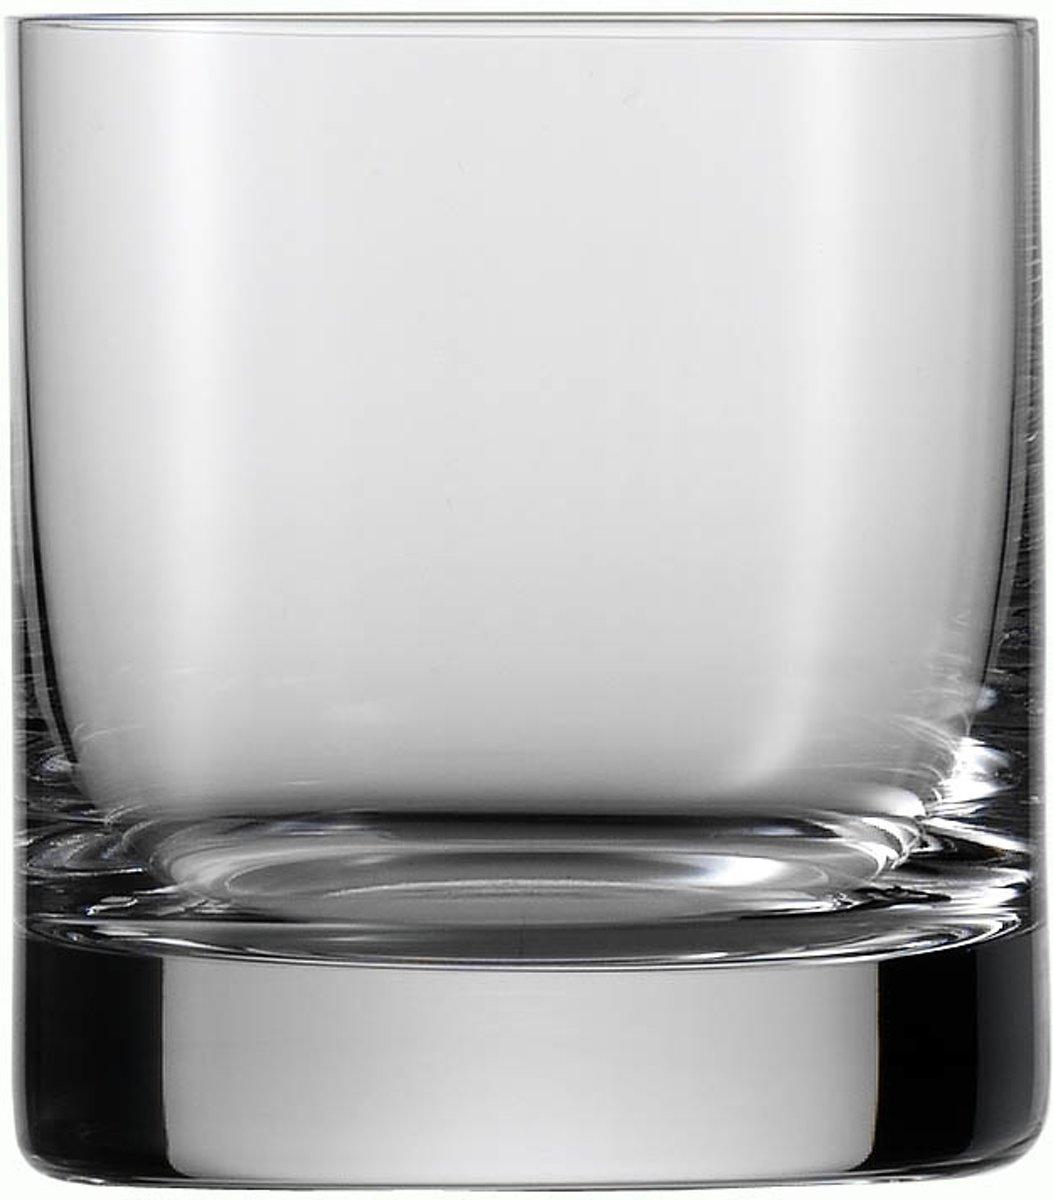 Schott Zwiesel Paris Whiskyglas - 0.282 l  - 6 stuks kopen